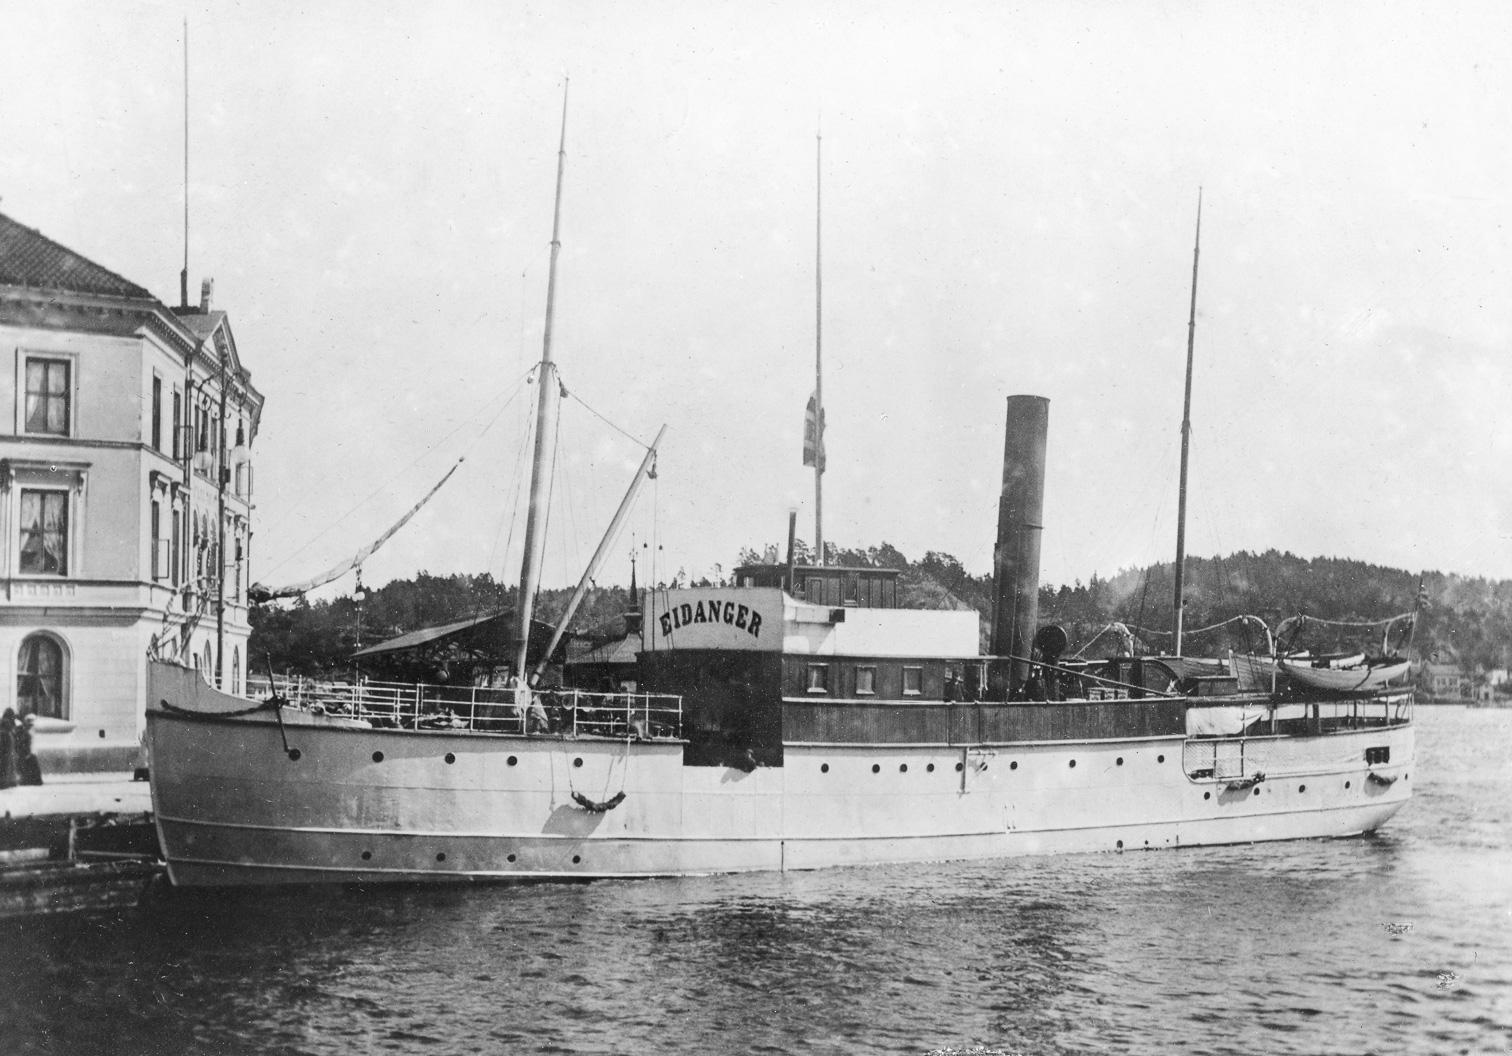 SS Eidanger